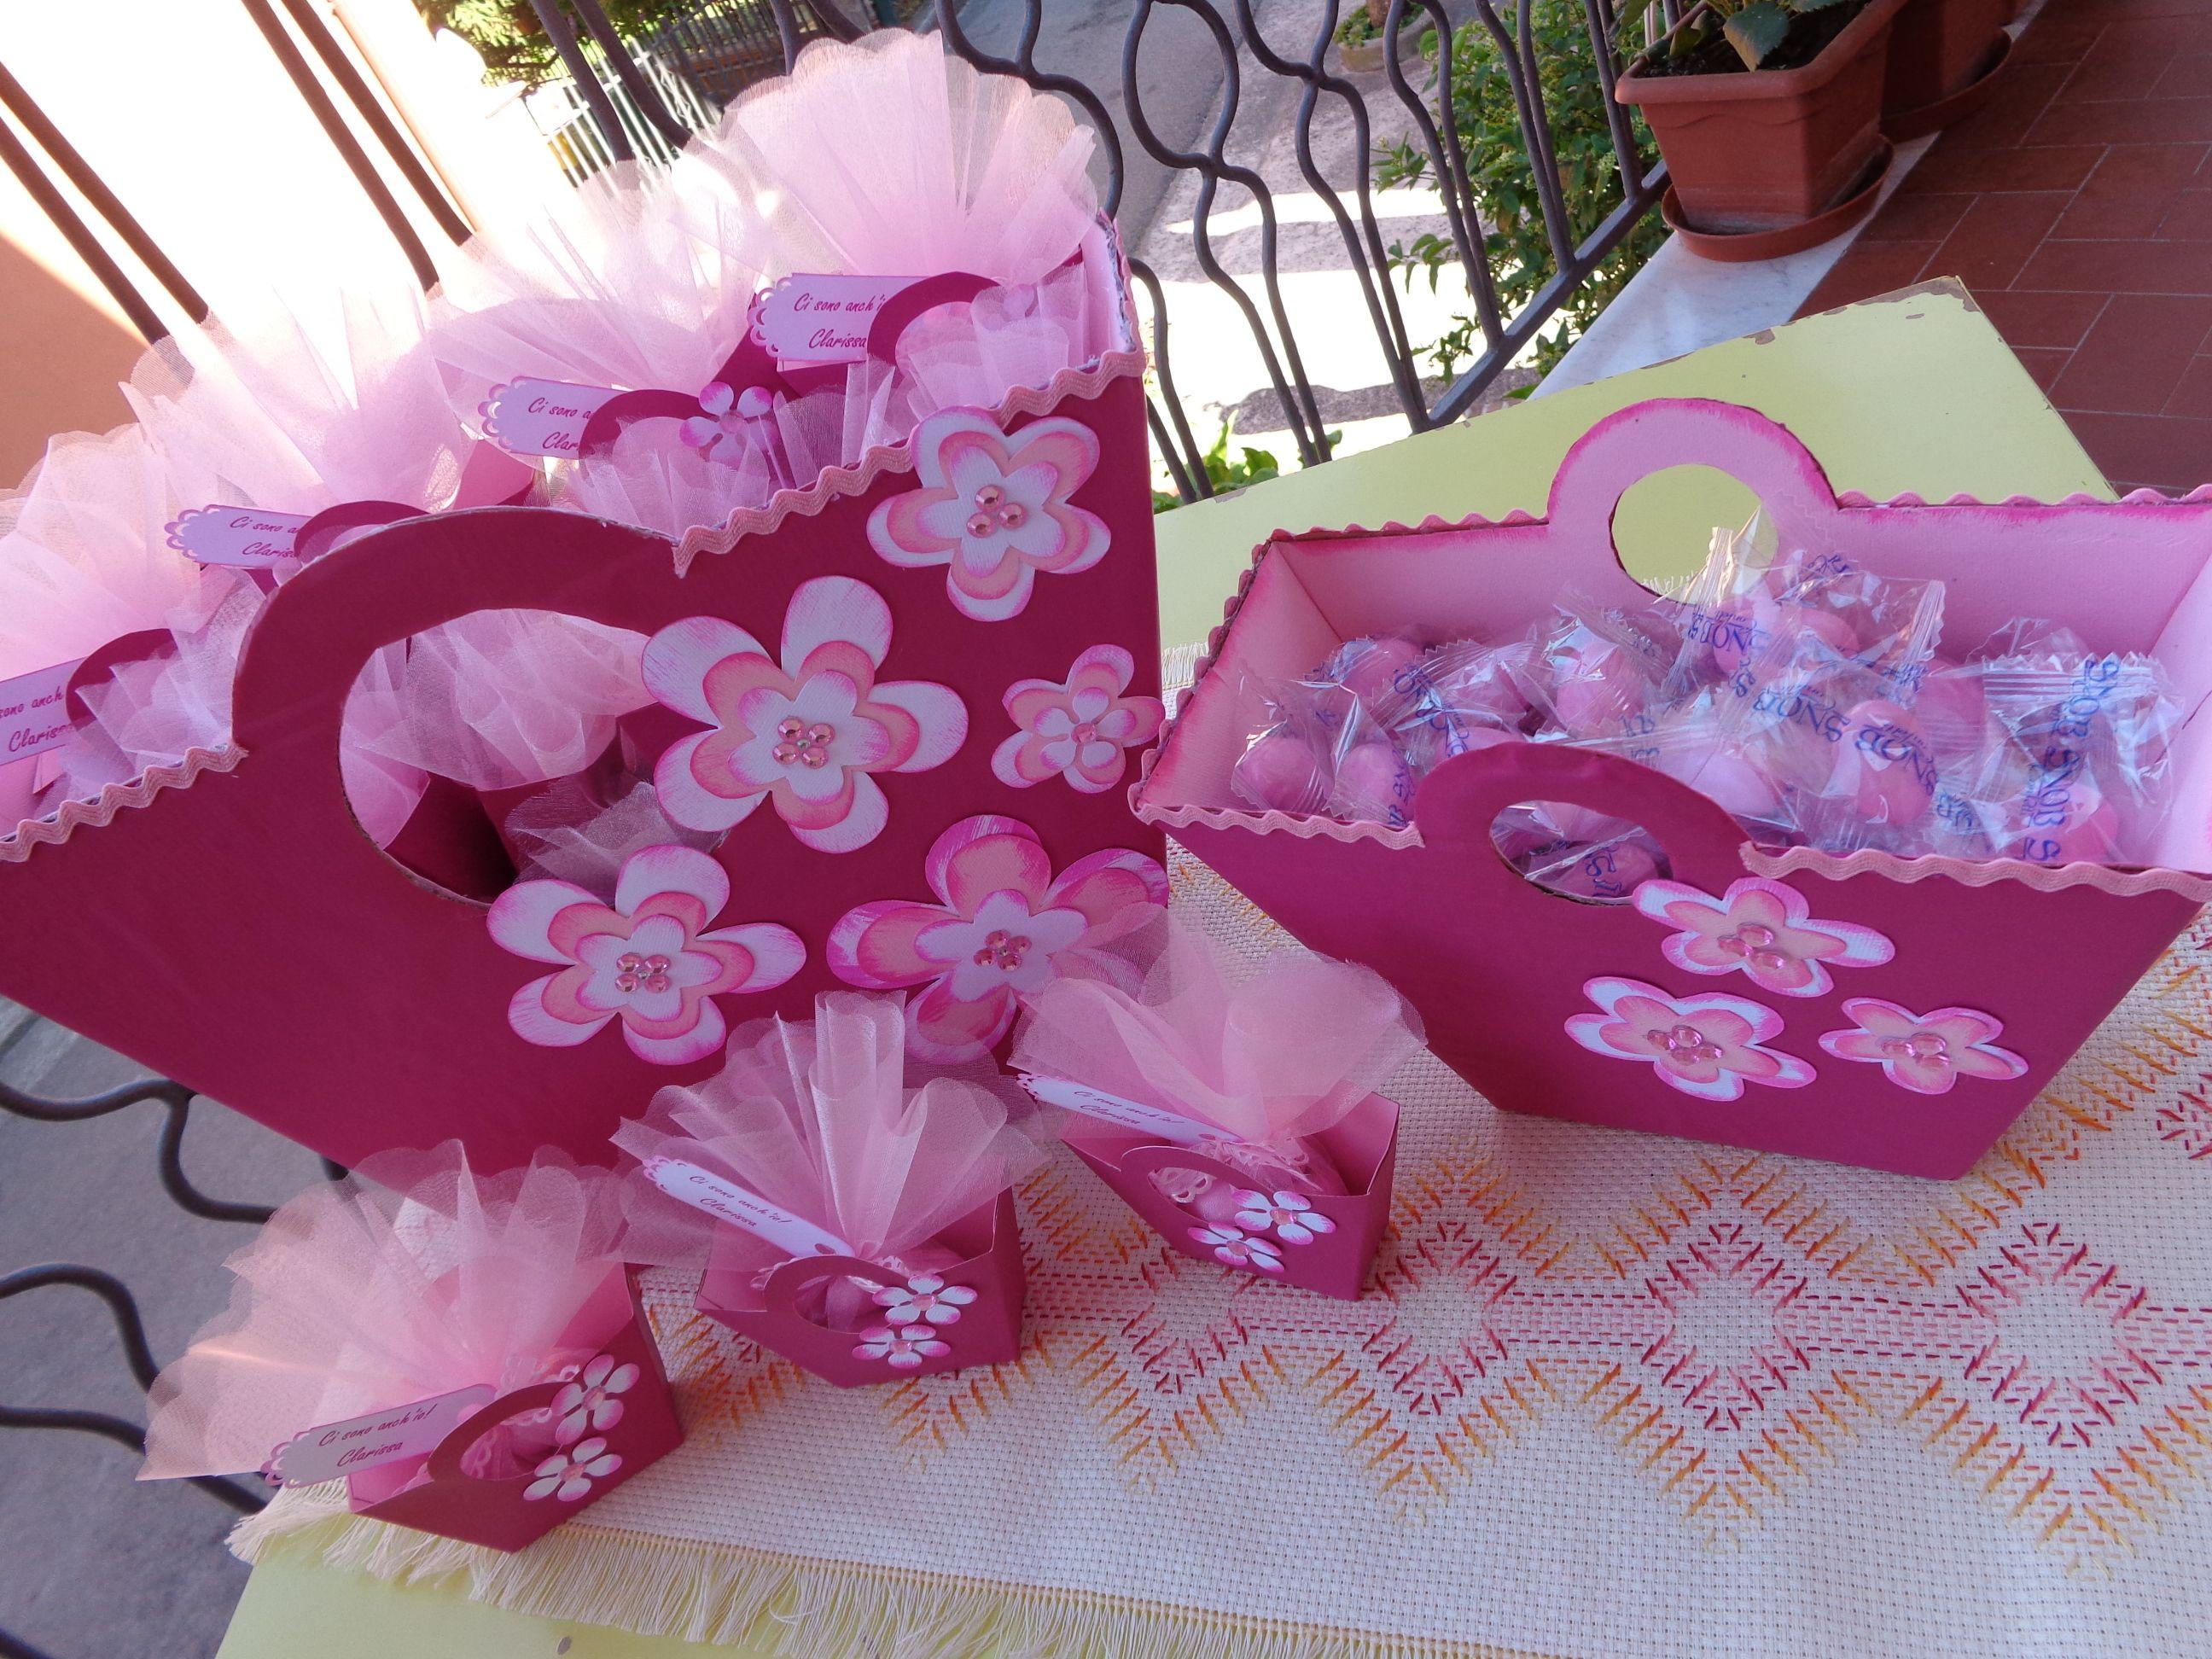 Favorito Coordinato porta confetti per una nascita | Nascita - Battesimo  LV72